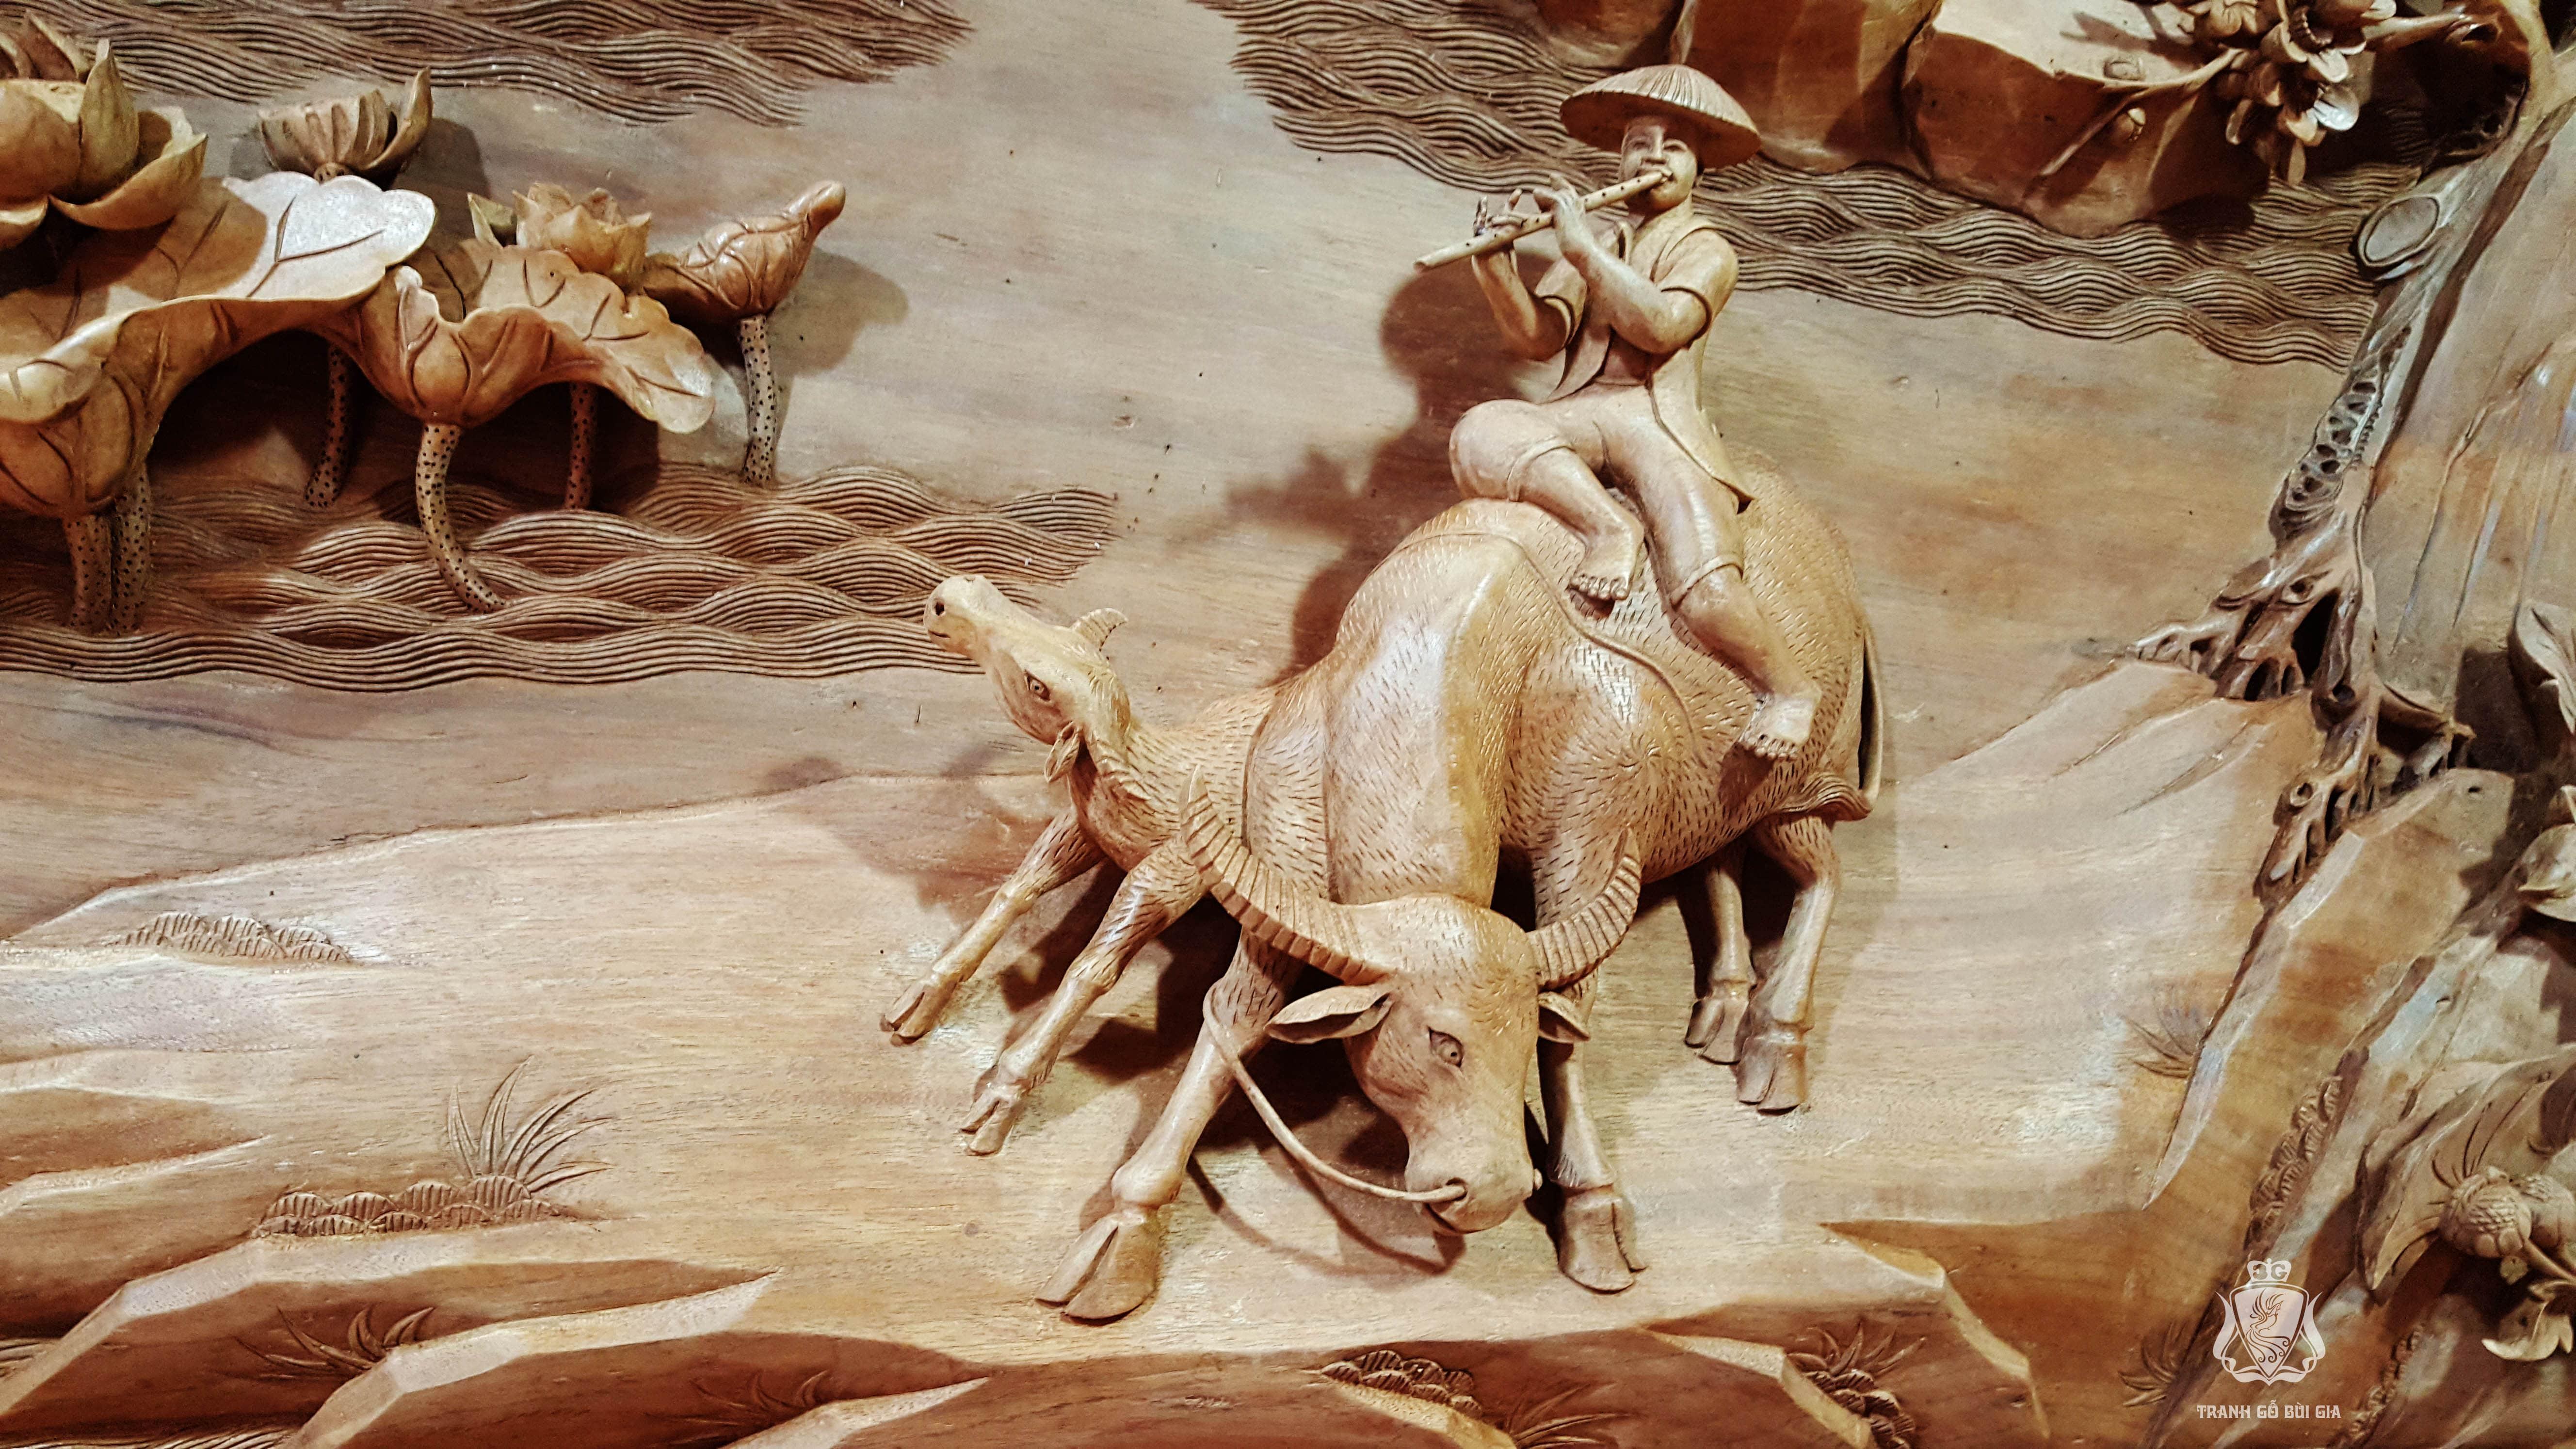 Tranh gỗ Đồng Quê đục tay sắc nét. Phôi Gỗ Gụ 100 năm tuổi.